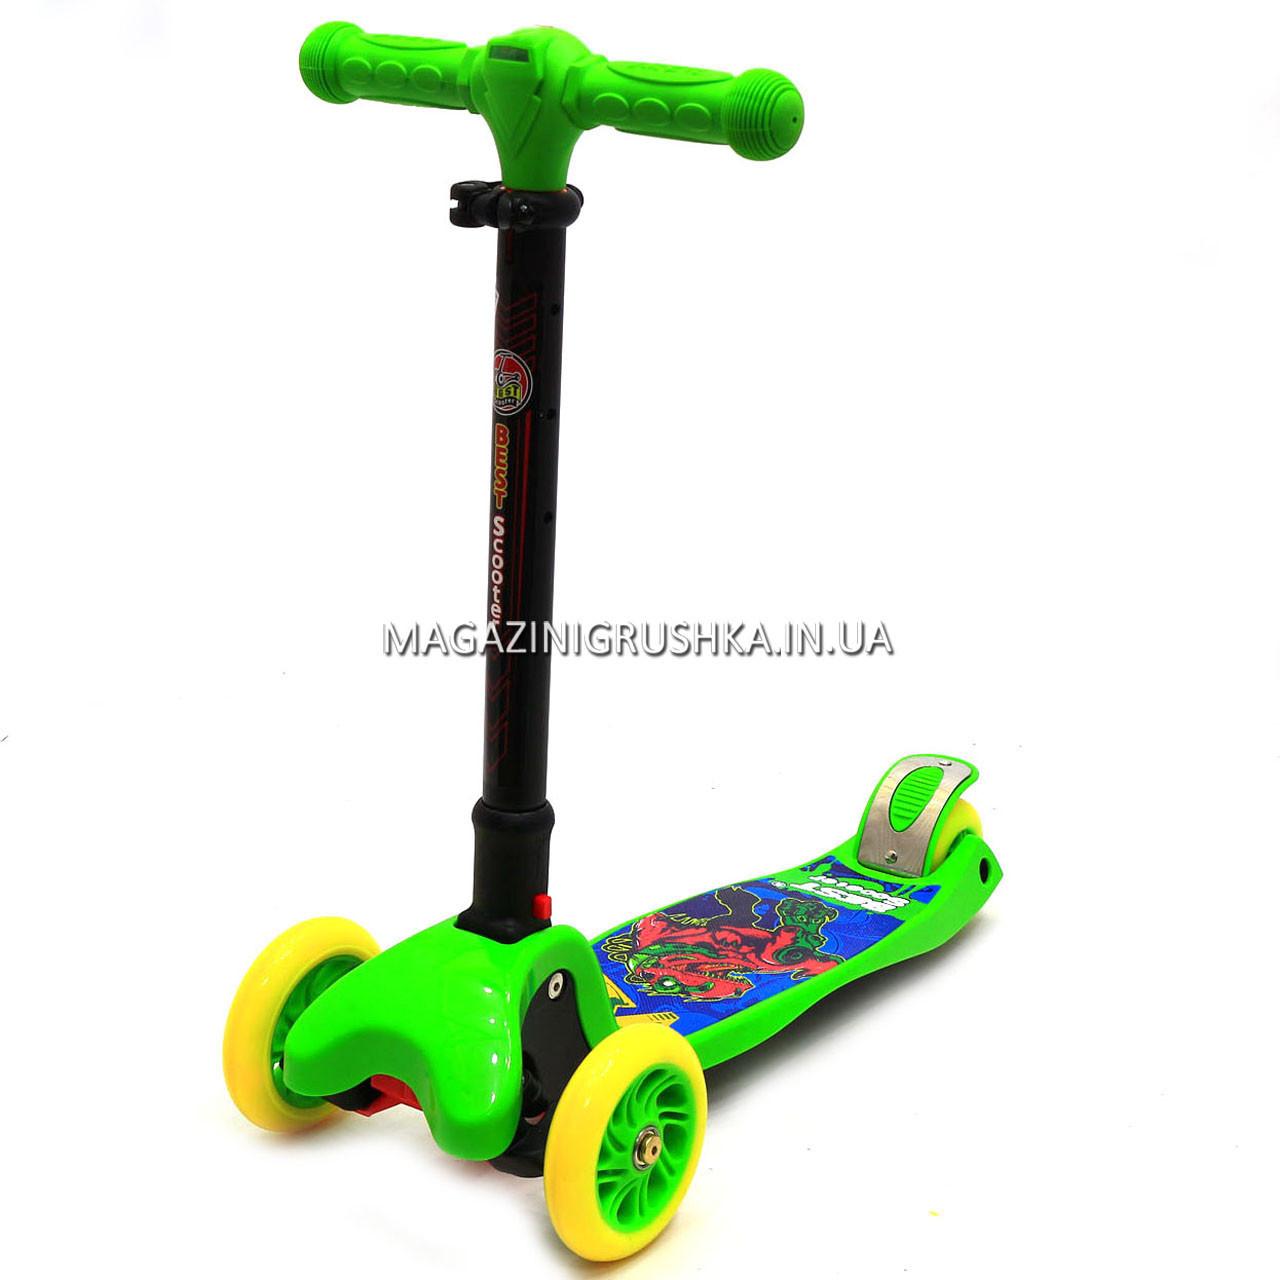 Самокат трехколесный детский C37200 (ПУ колеса, тихие, светящиеся, с фонариком на руле). Самокат для детей